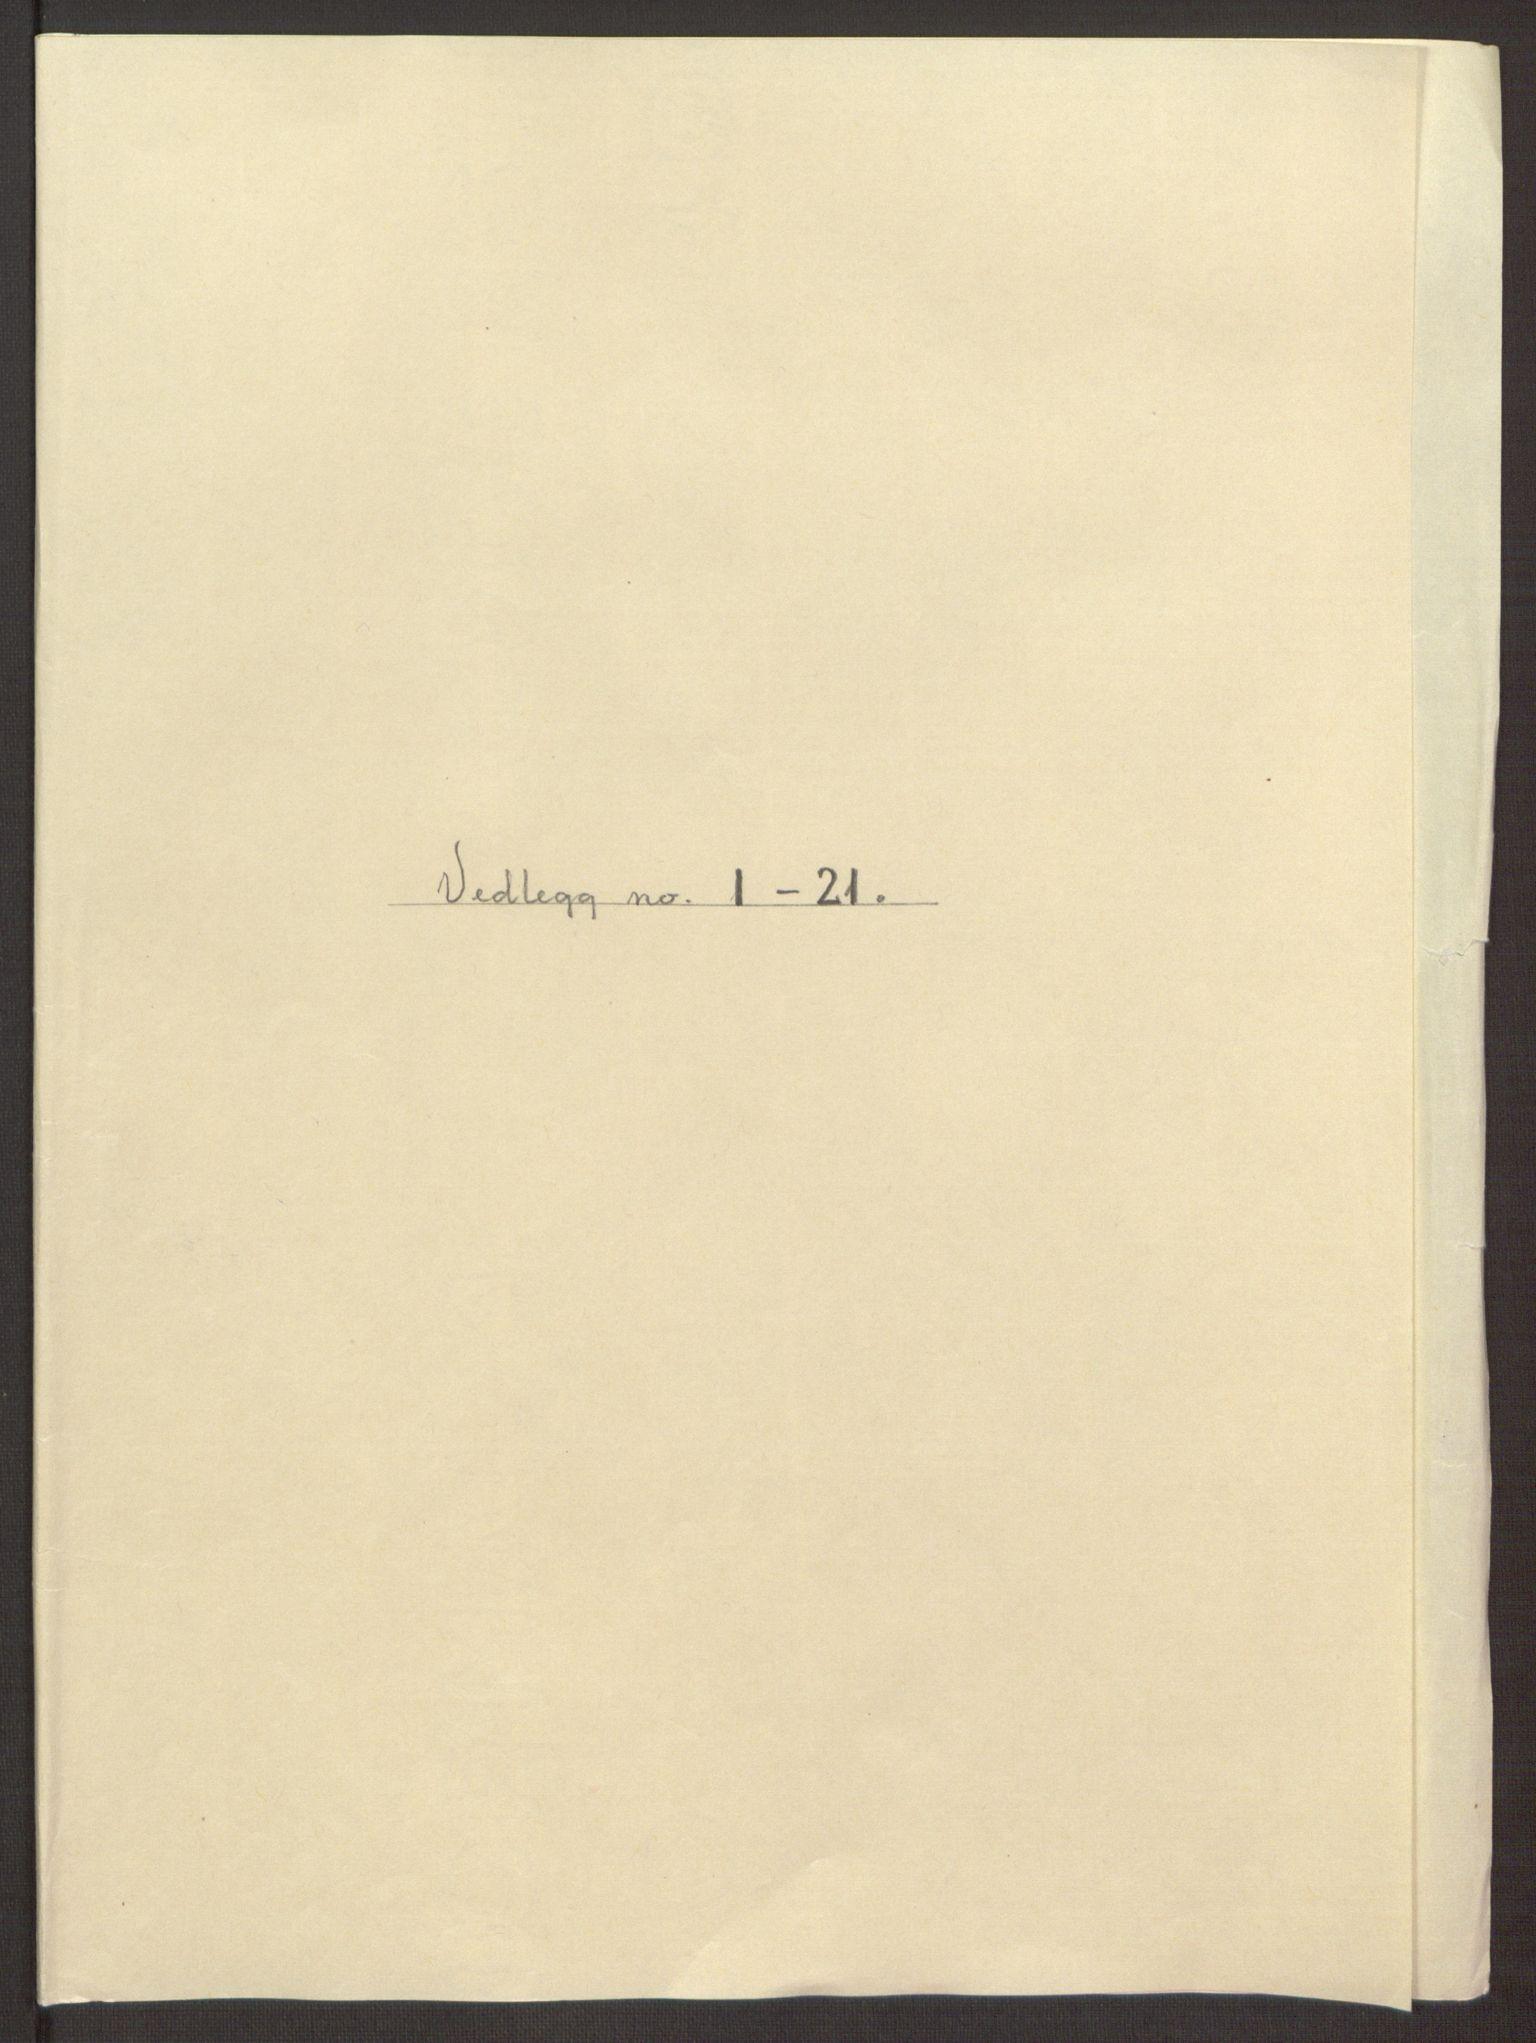 RA, Rentekammeret inntil 1814, Reviderte regnskaper, Fogderegnskap, R68/L4753: Fogderegnskap Senja og Troms, 1694-1696, s. 130